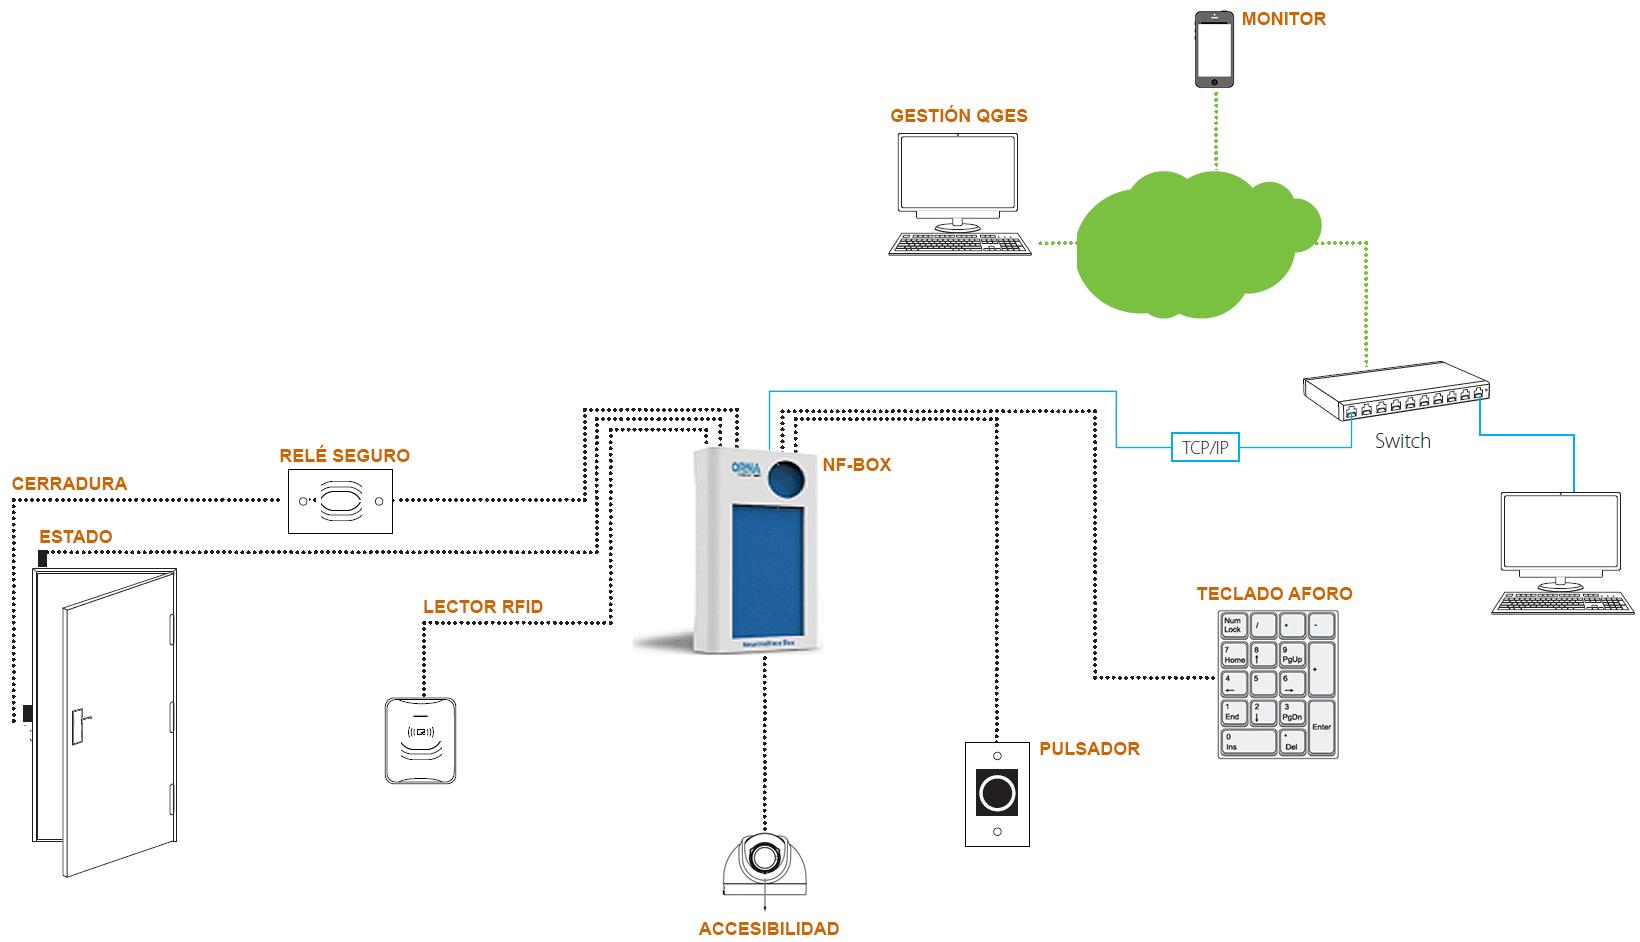 nfbox-acceso